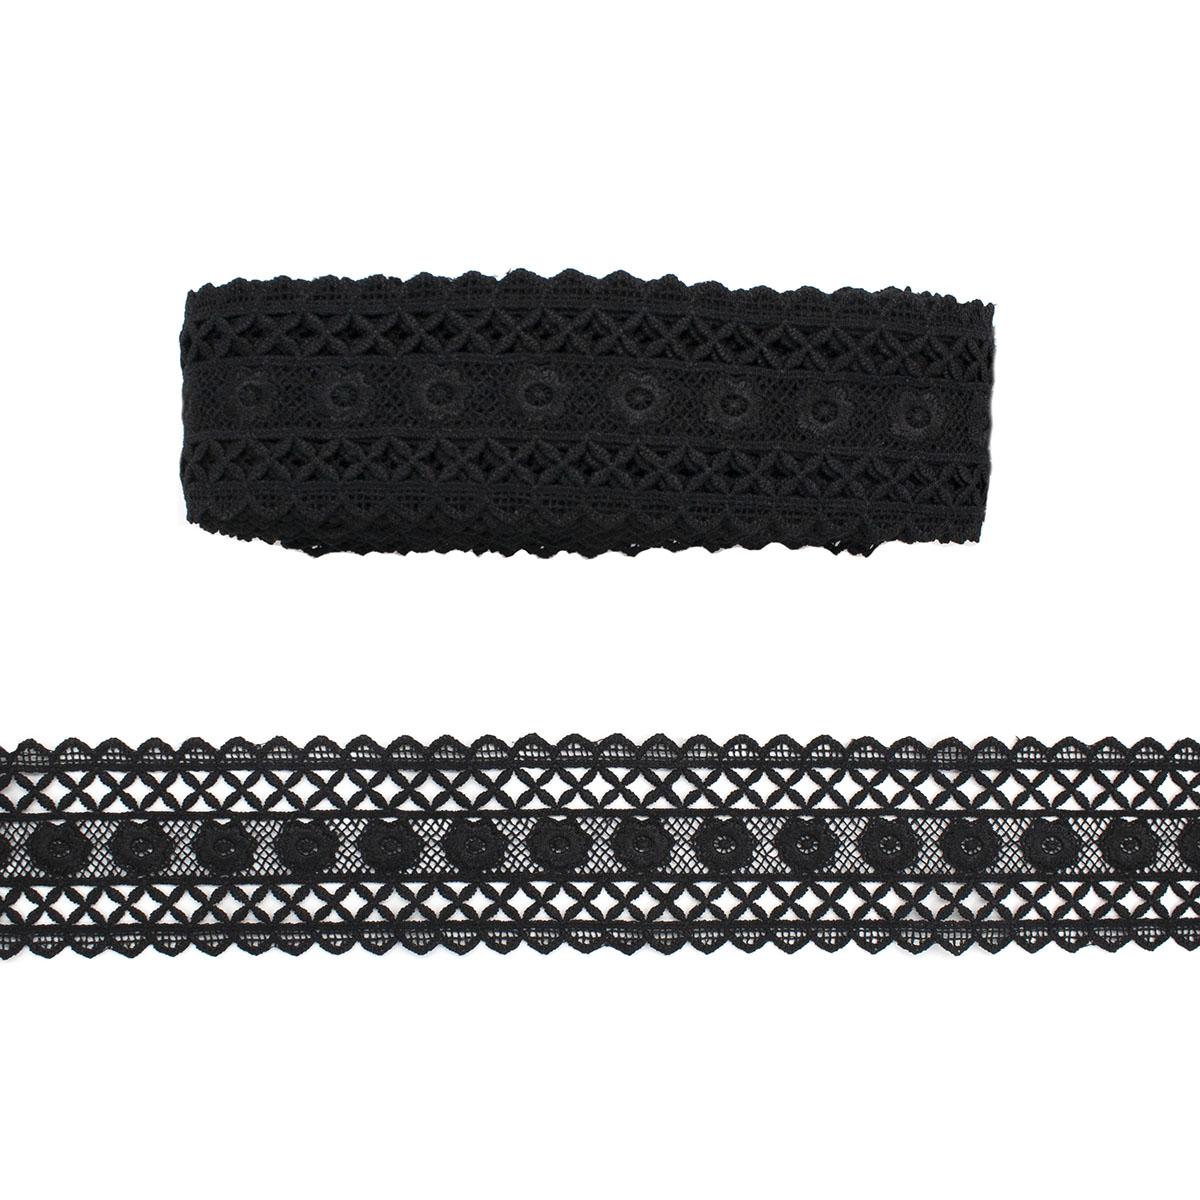 LA-006 Кружево Premium гипюр 6,5см*13,72м